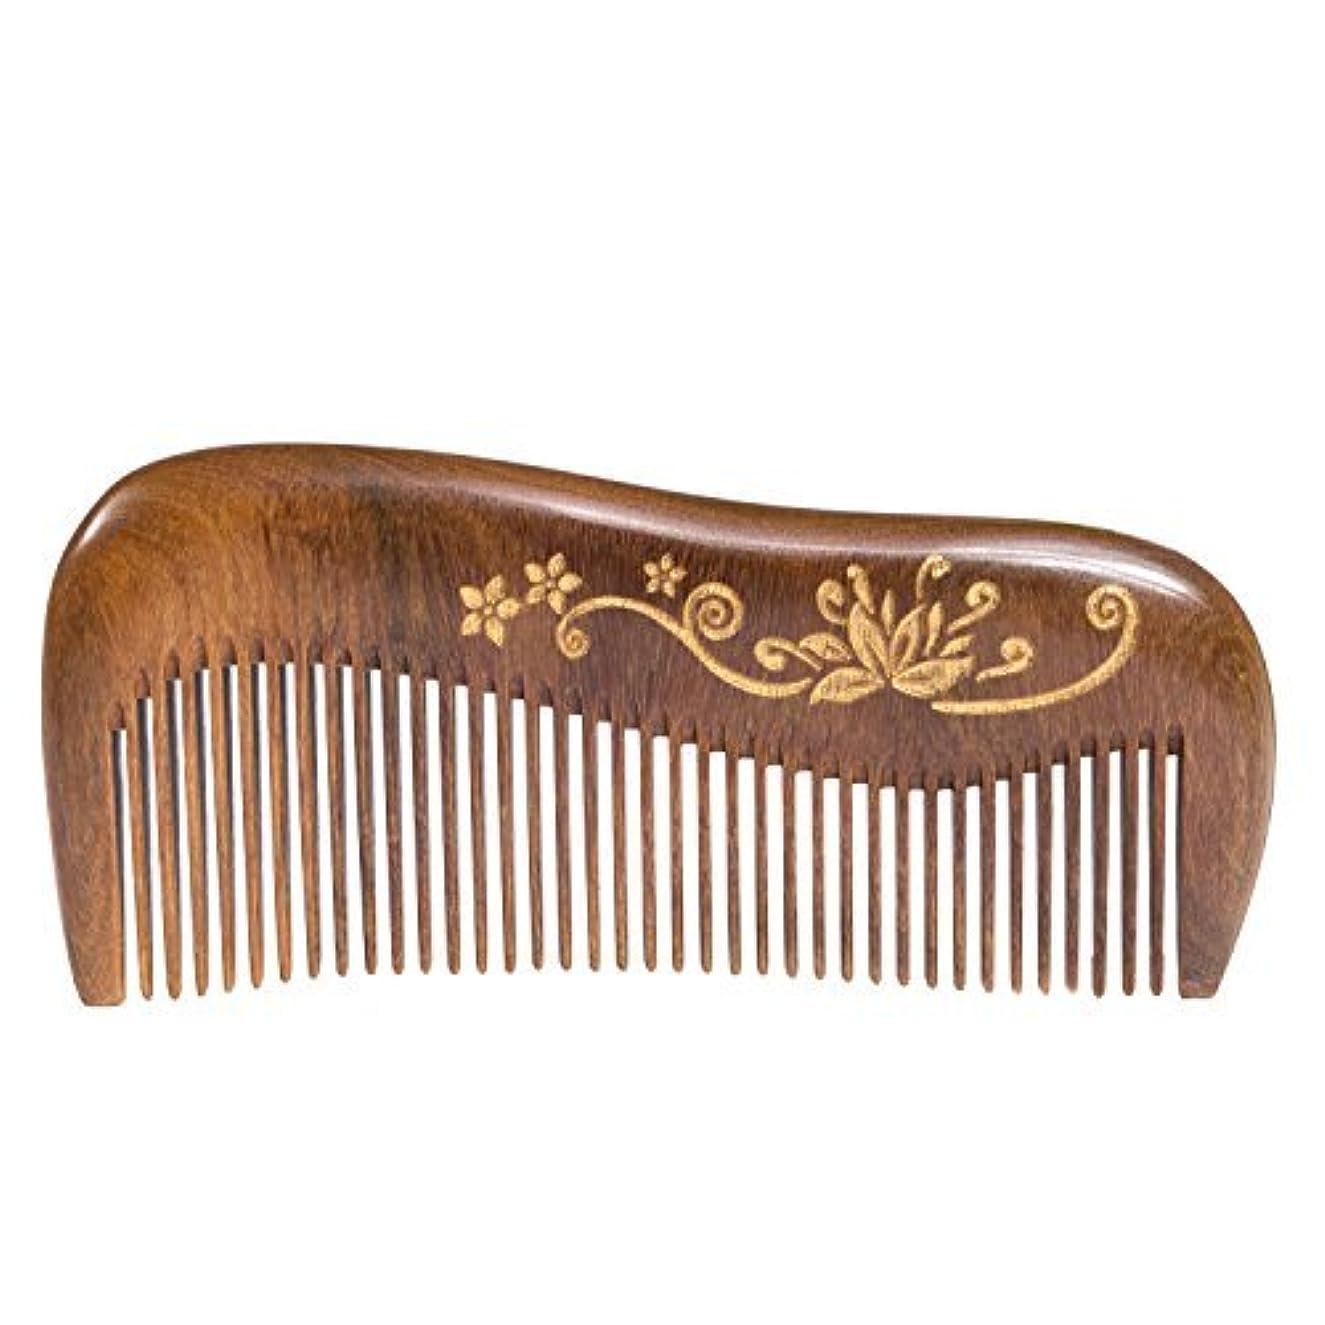 宣言ピット言い聞かせるBreezelike Wooden Hair Comb - Fine Tooth Wood Comb for Women - No Static Natural Detangling Sandalwood Comb [並行輸入品]